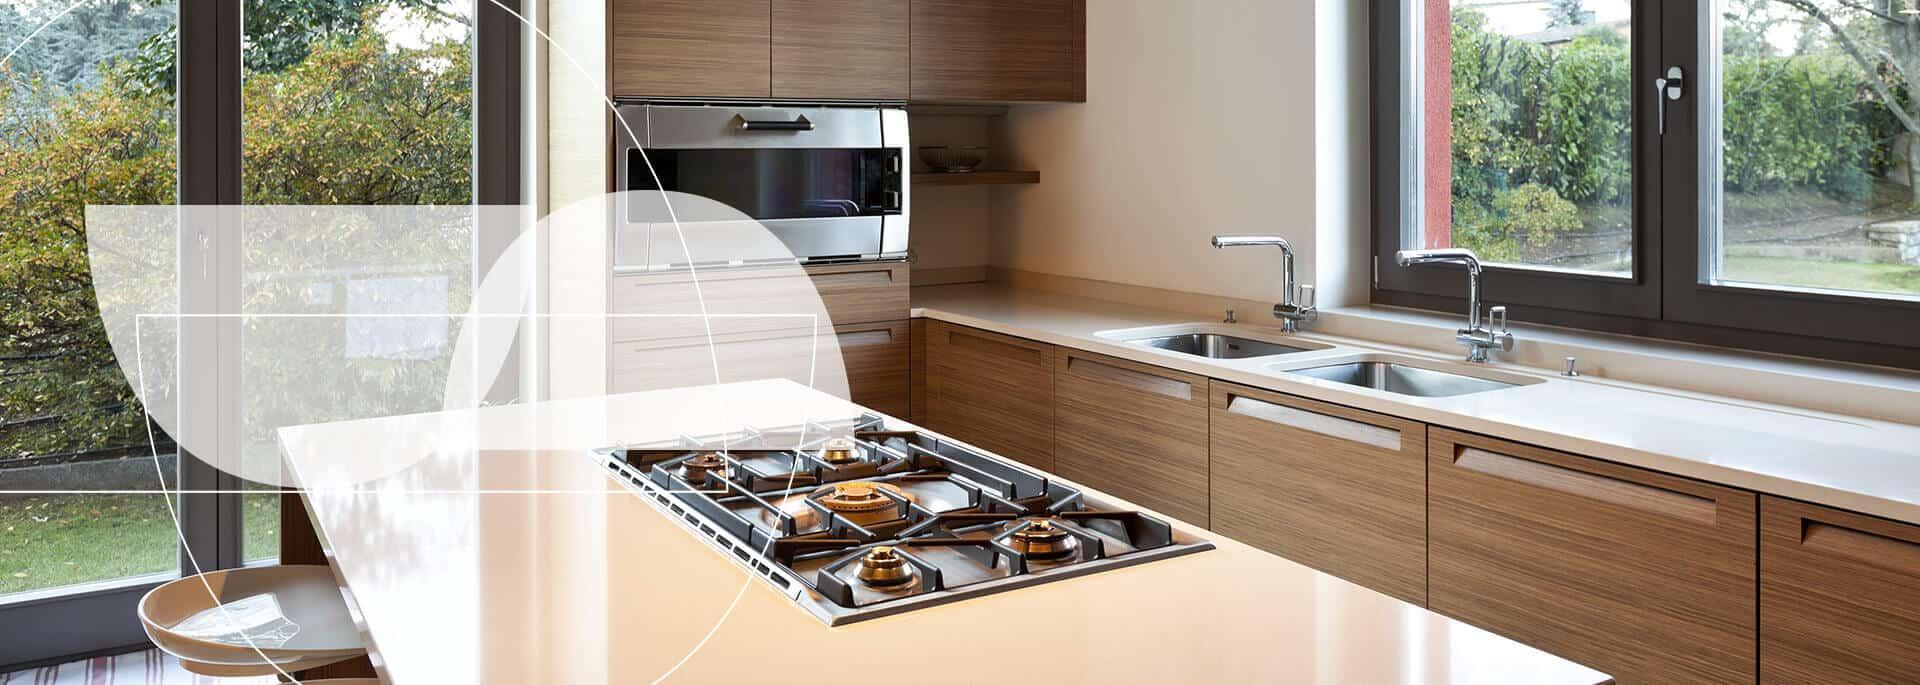 Cocinas integrales modernas con Silestone